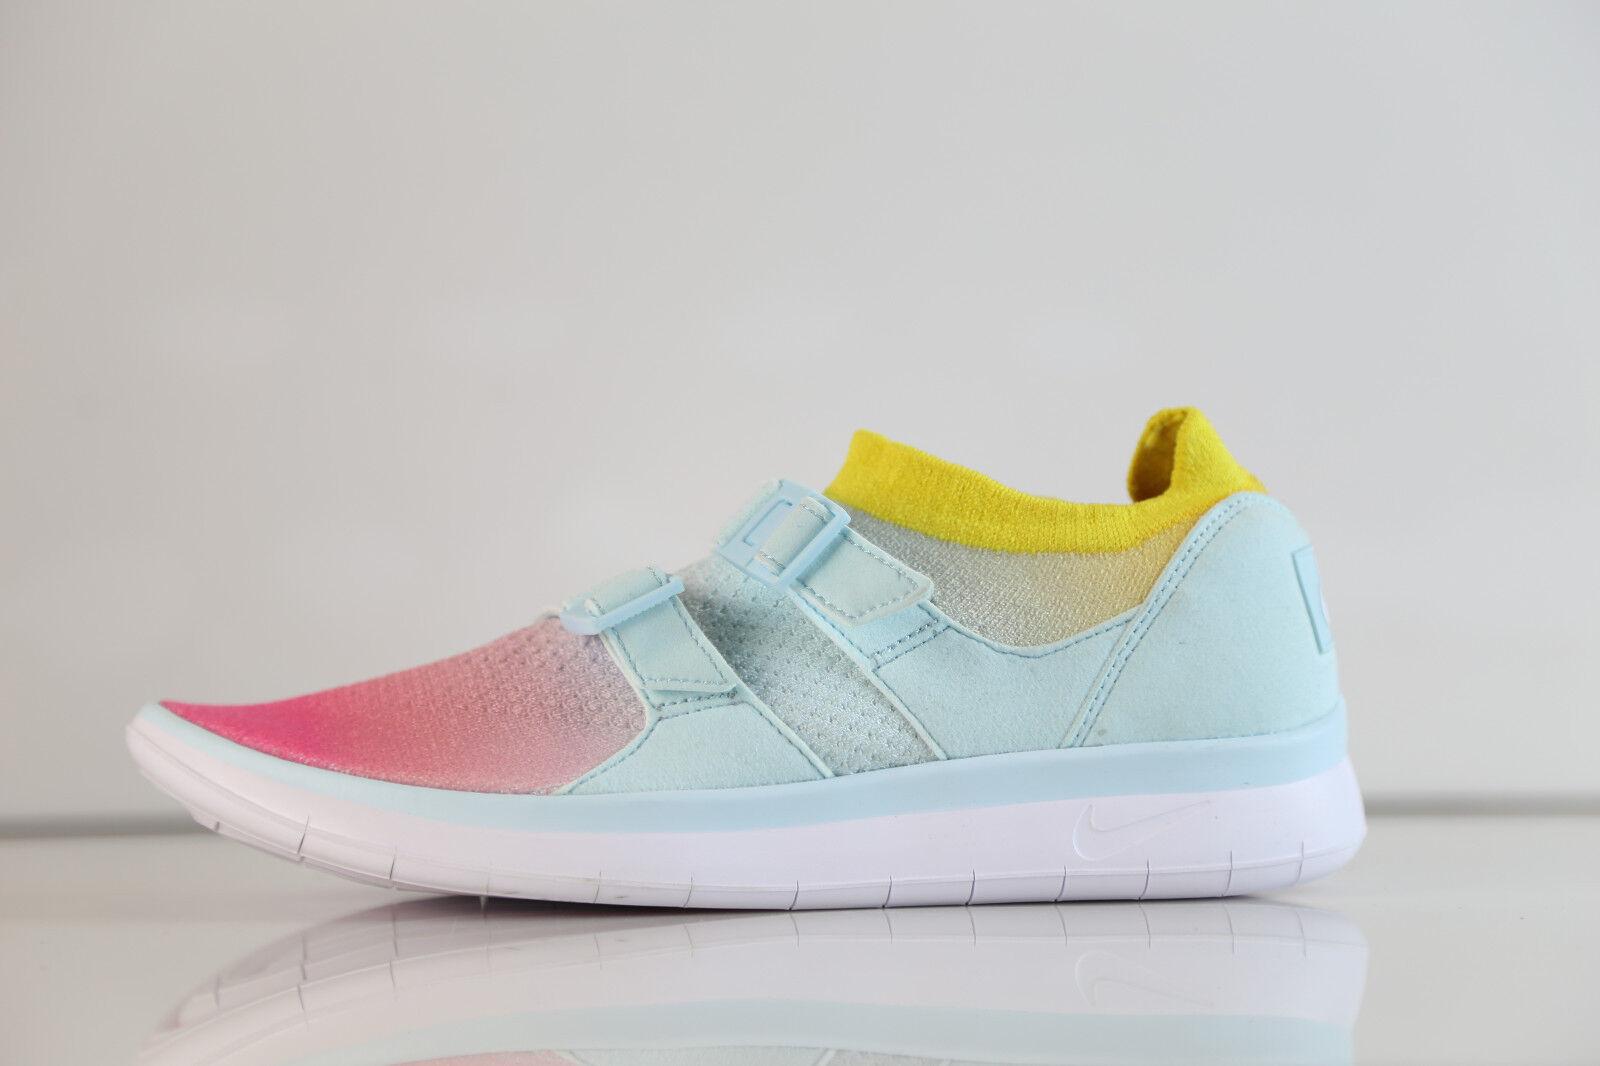 Nike Femme Air sockracer Flyknit BLANC BLEU GLACIER ROSE 896447-100 6-10 Sock